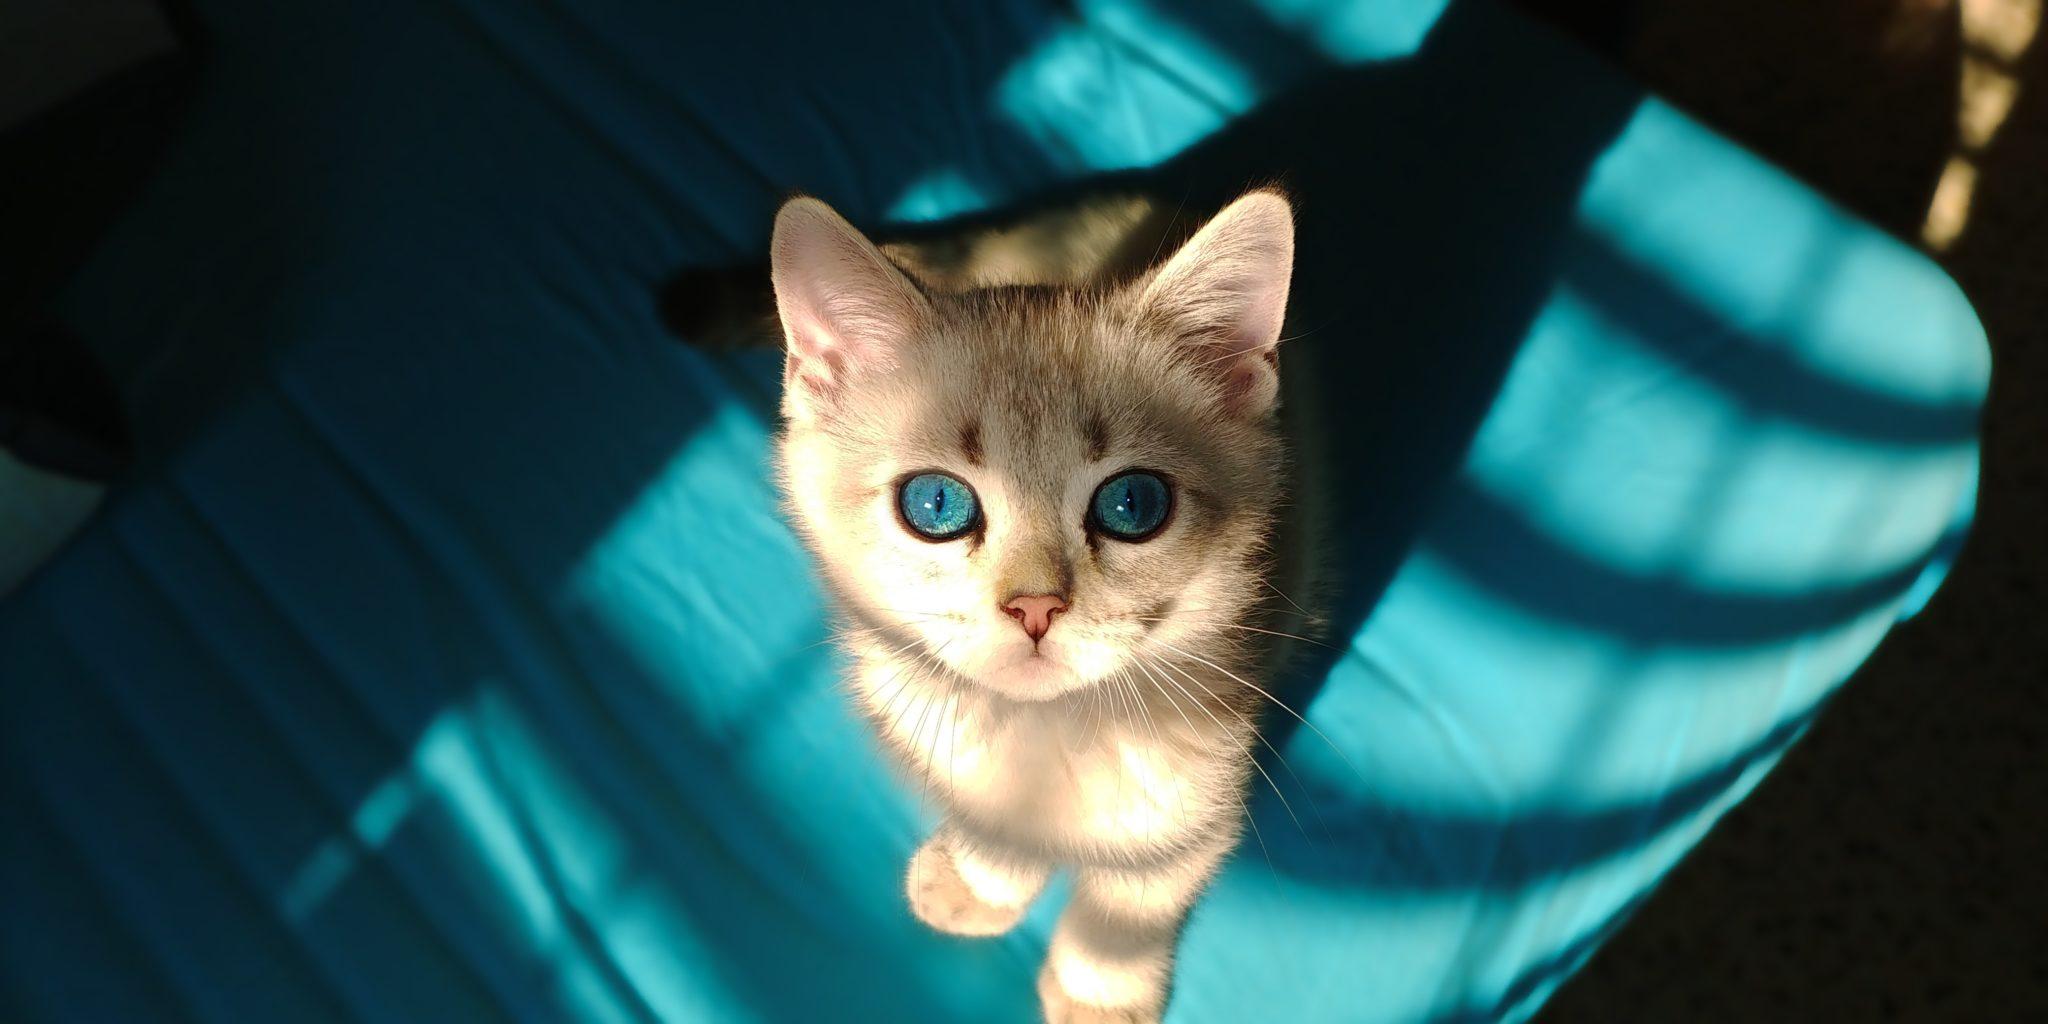 Los ojos de los gatos son preciosos